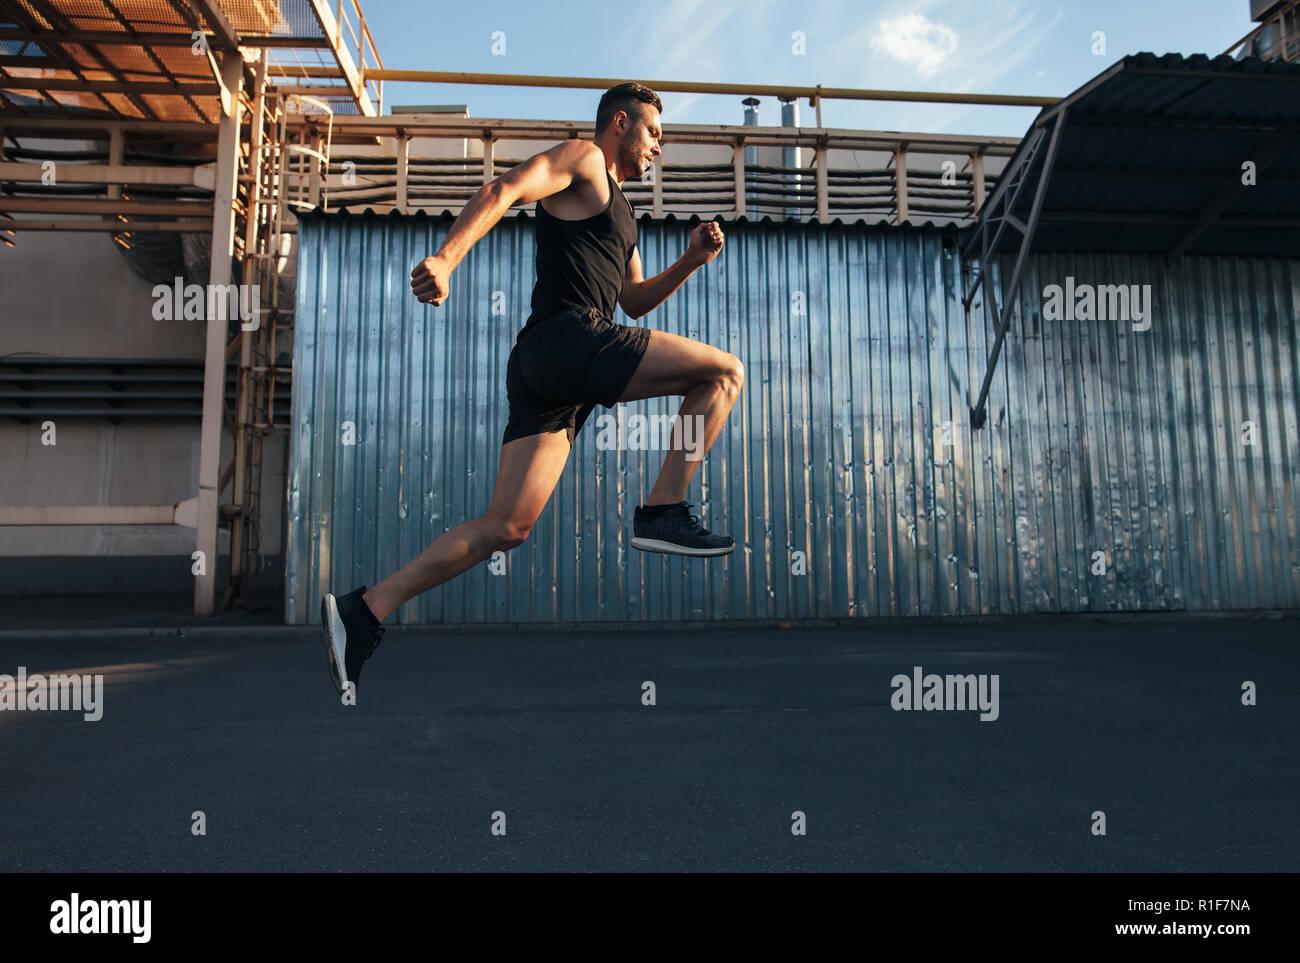 Bel giovane in esecuzione in edificio ndustrial sfondo. runner, jogging, attività fitness Immagini Stock